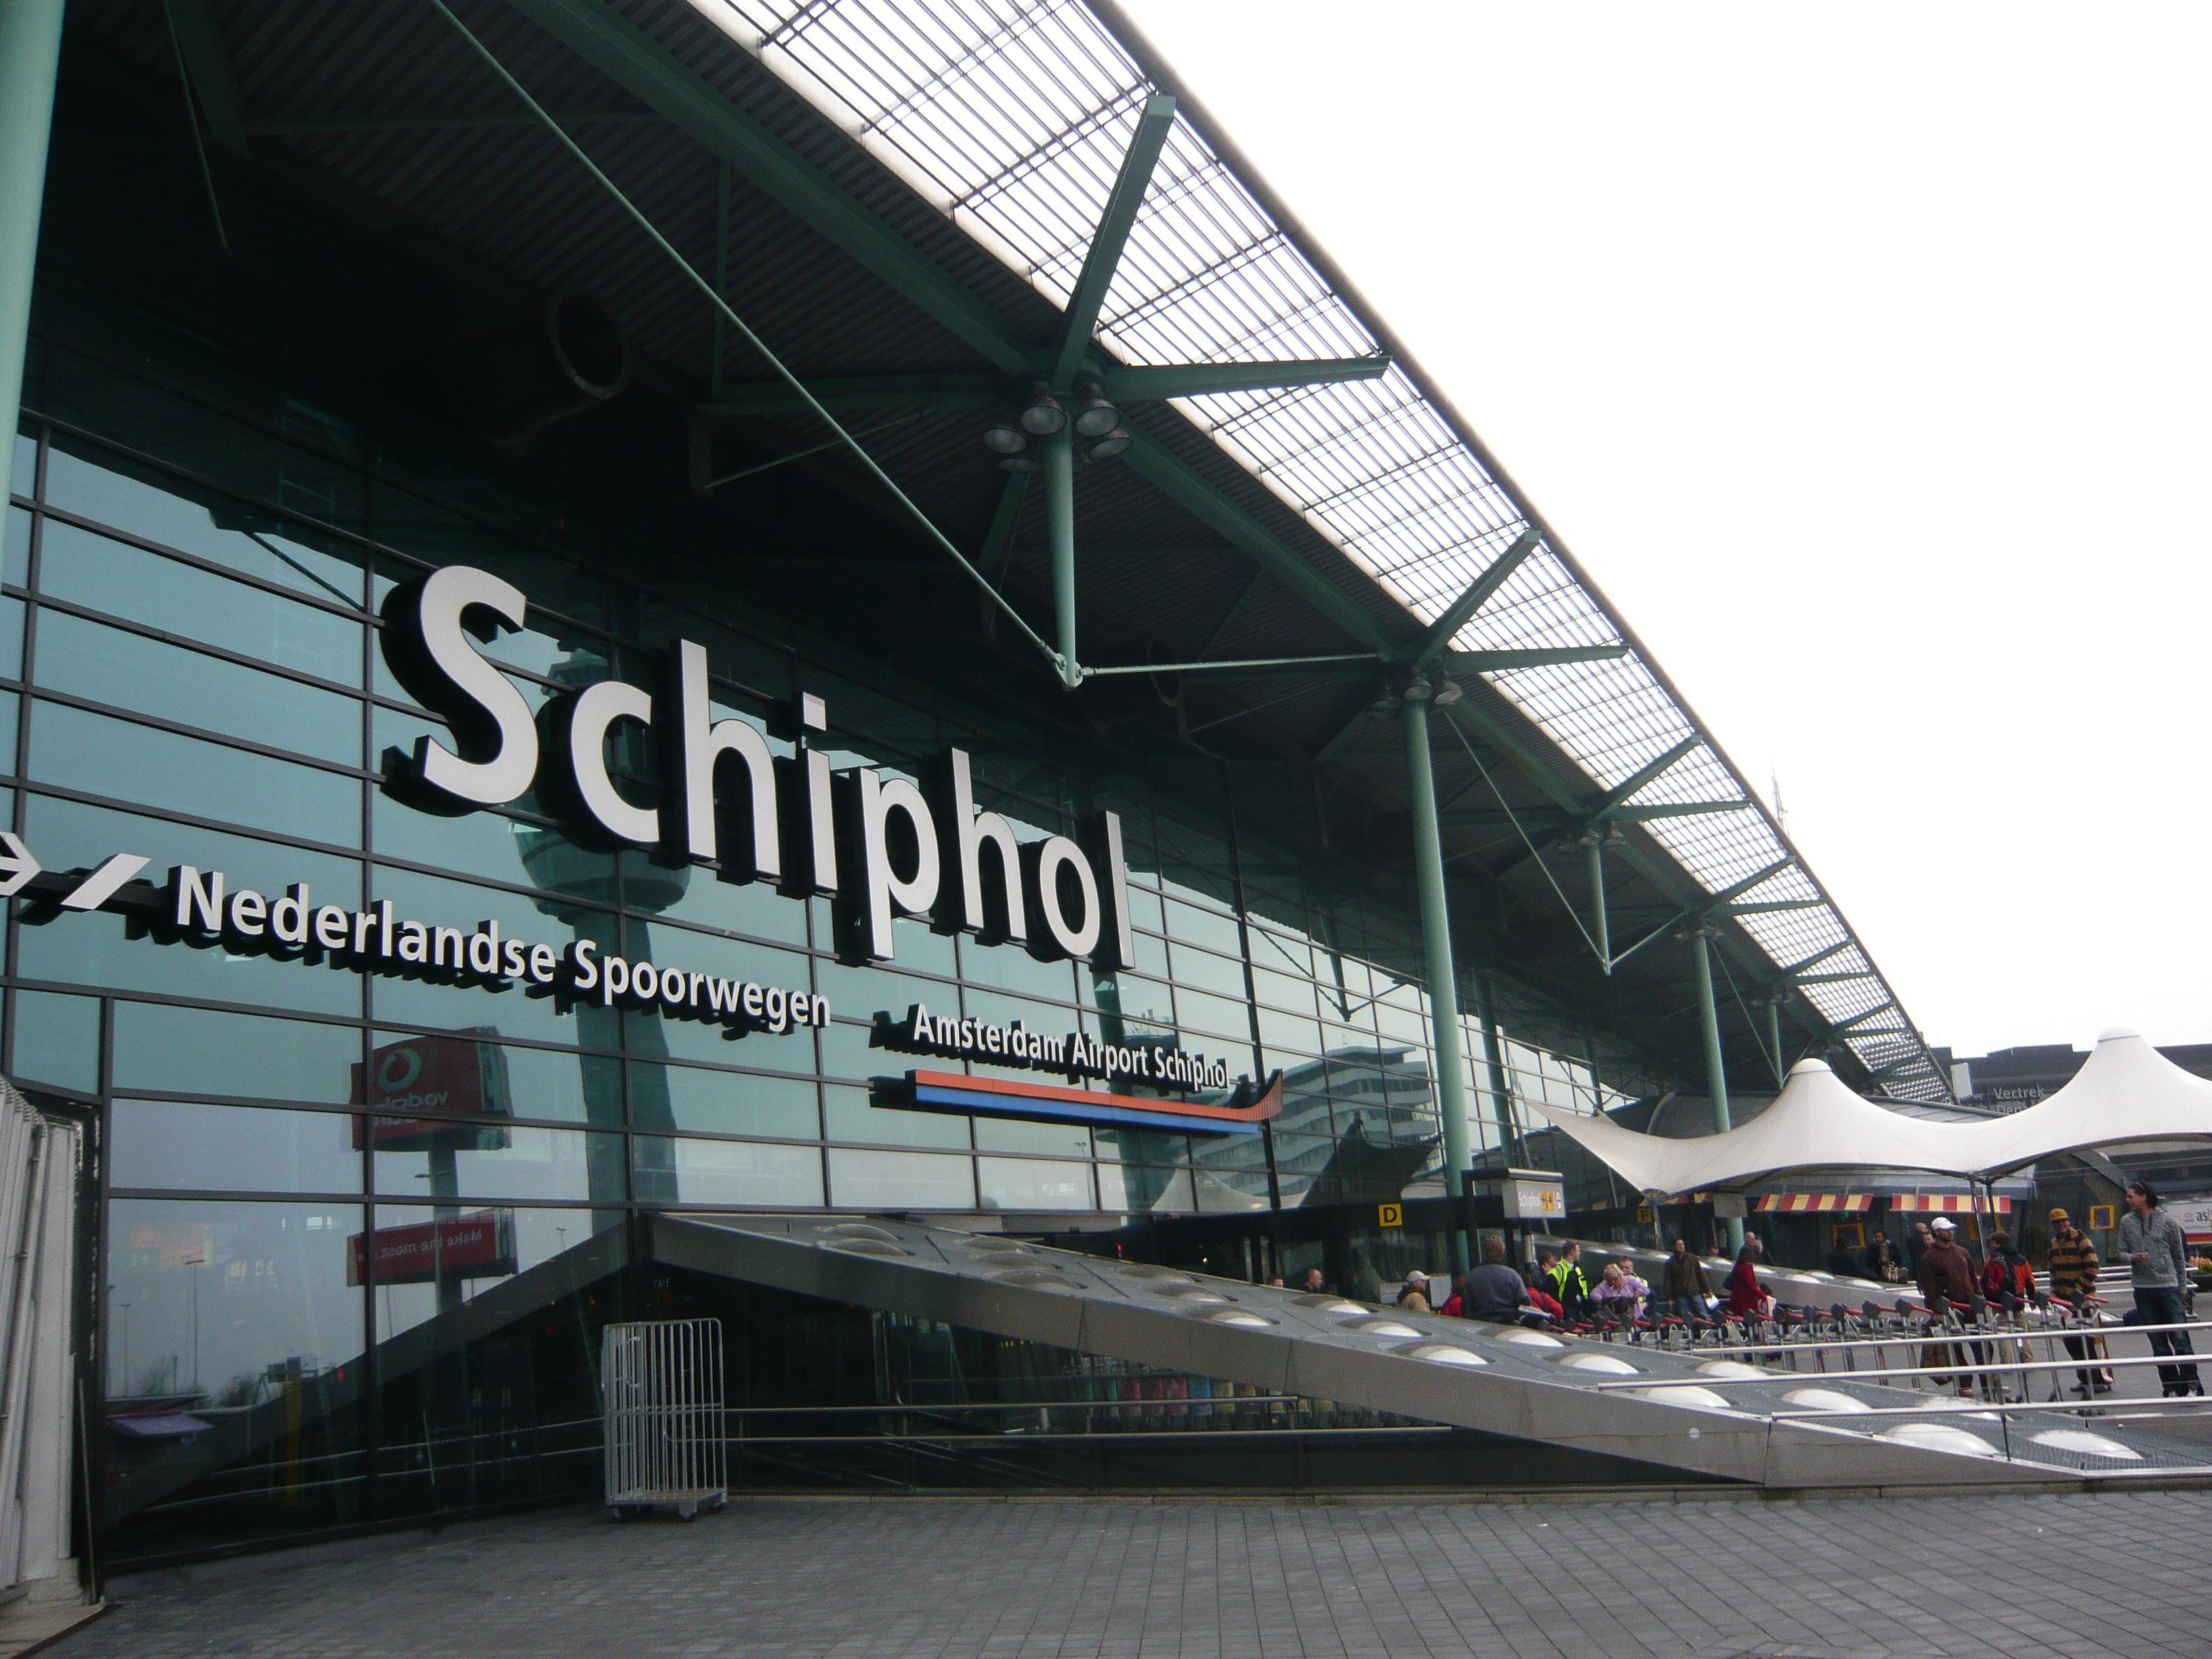 Bildresultat för schiphol airport